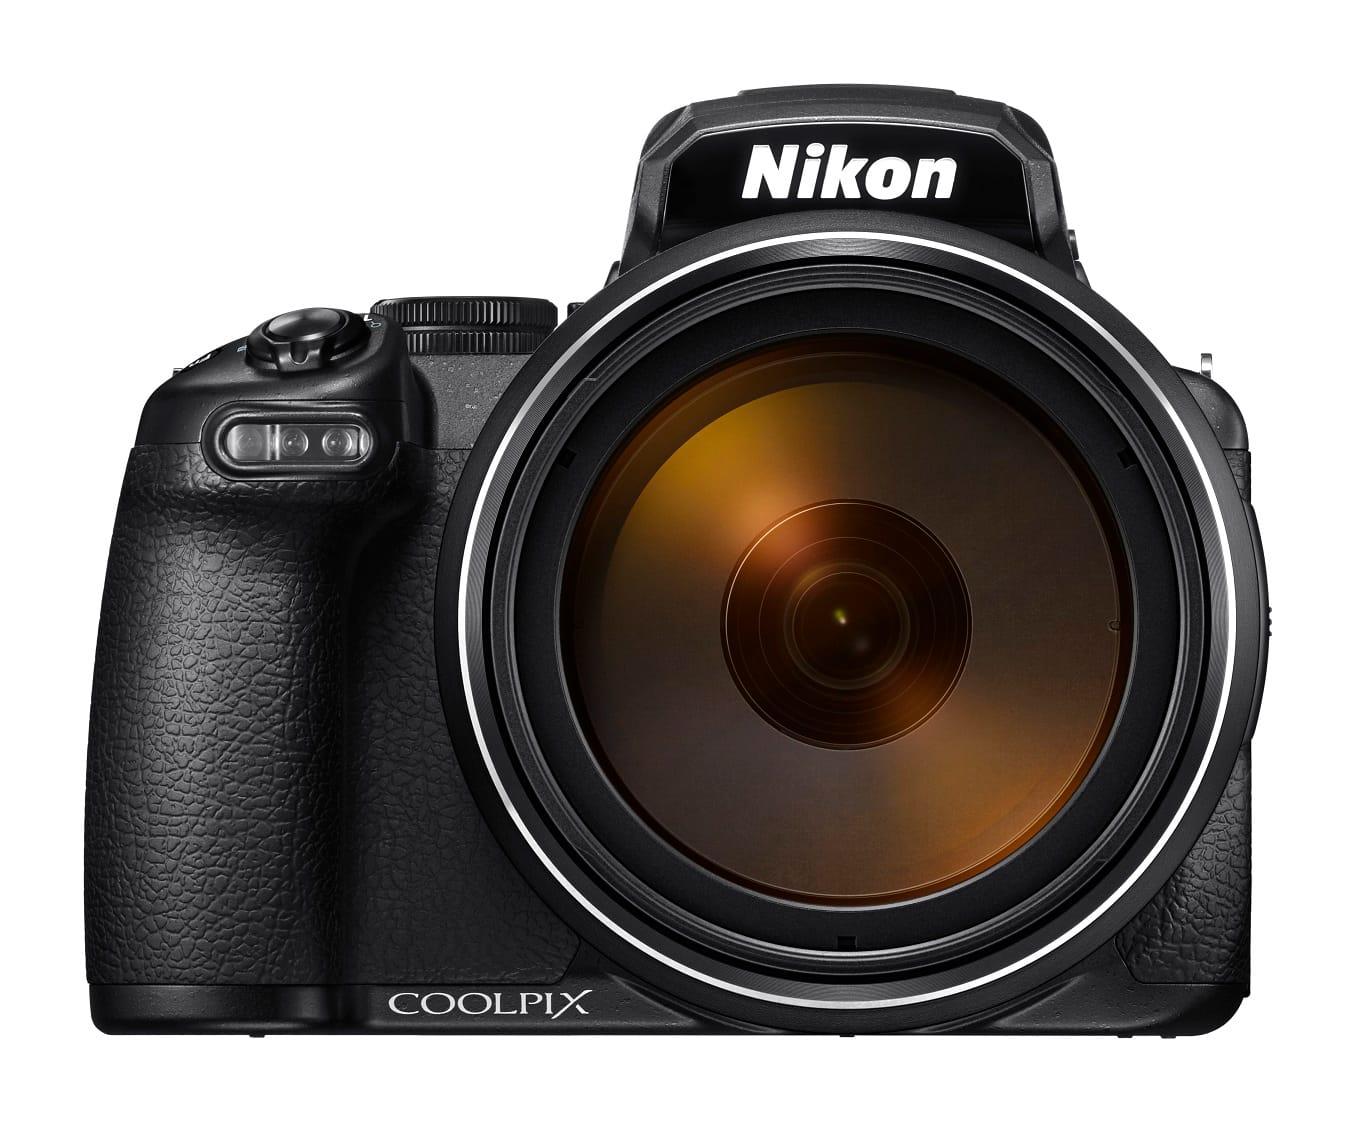 Nikon Coolpix P1000 - Da notare le dimensioni della lente frontale.